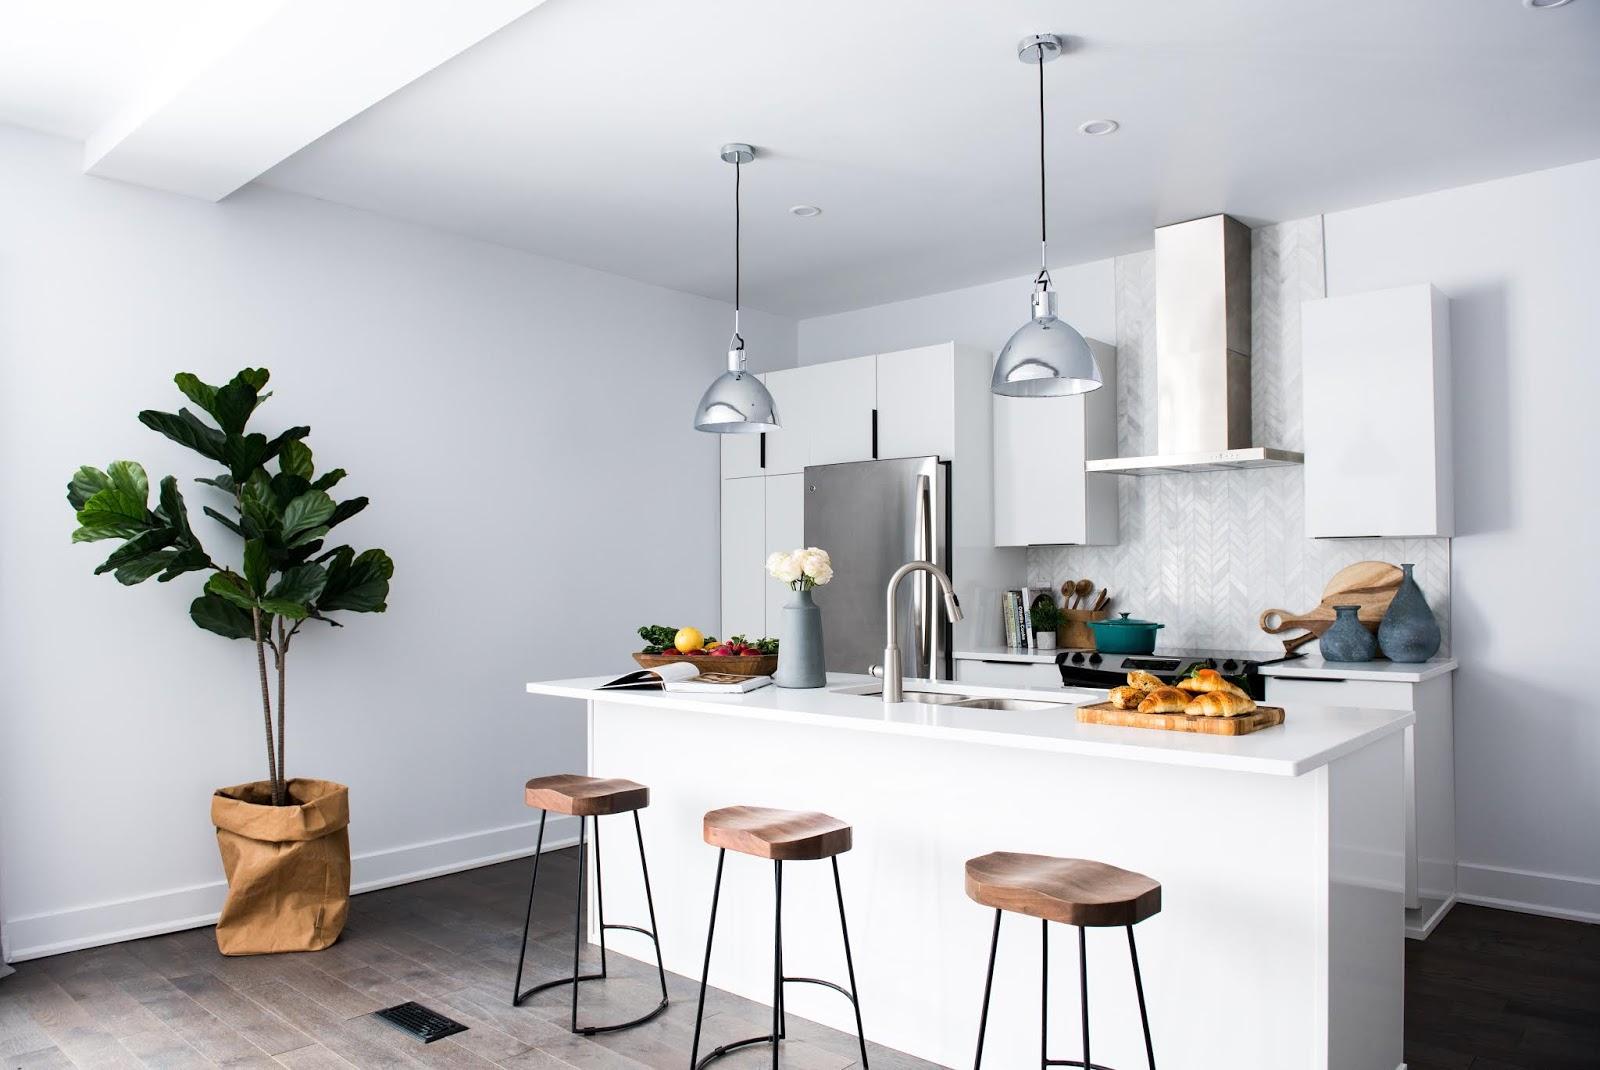 Choix De Peinture Cuisine warchadz decoration cuisine et salon moderne